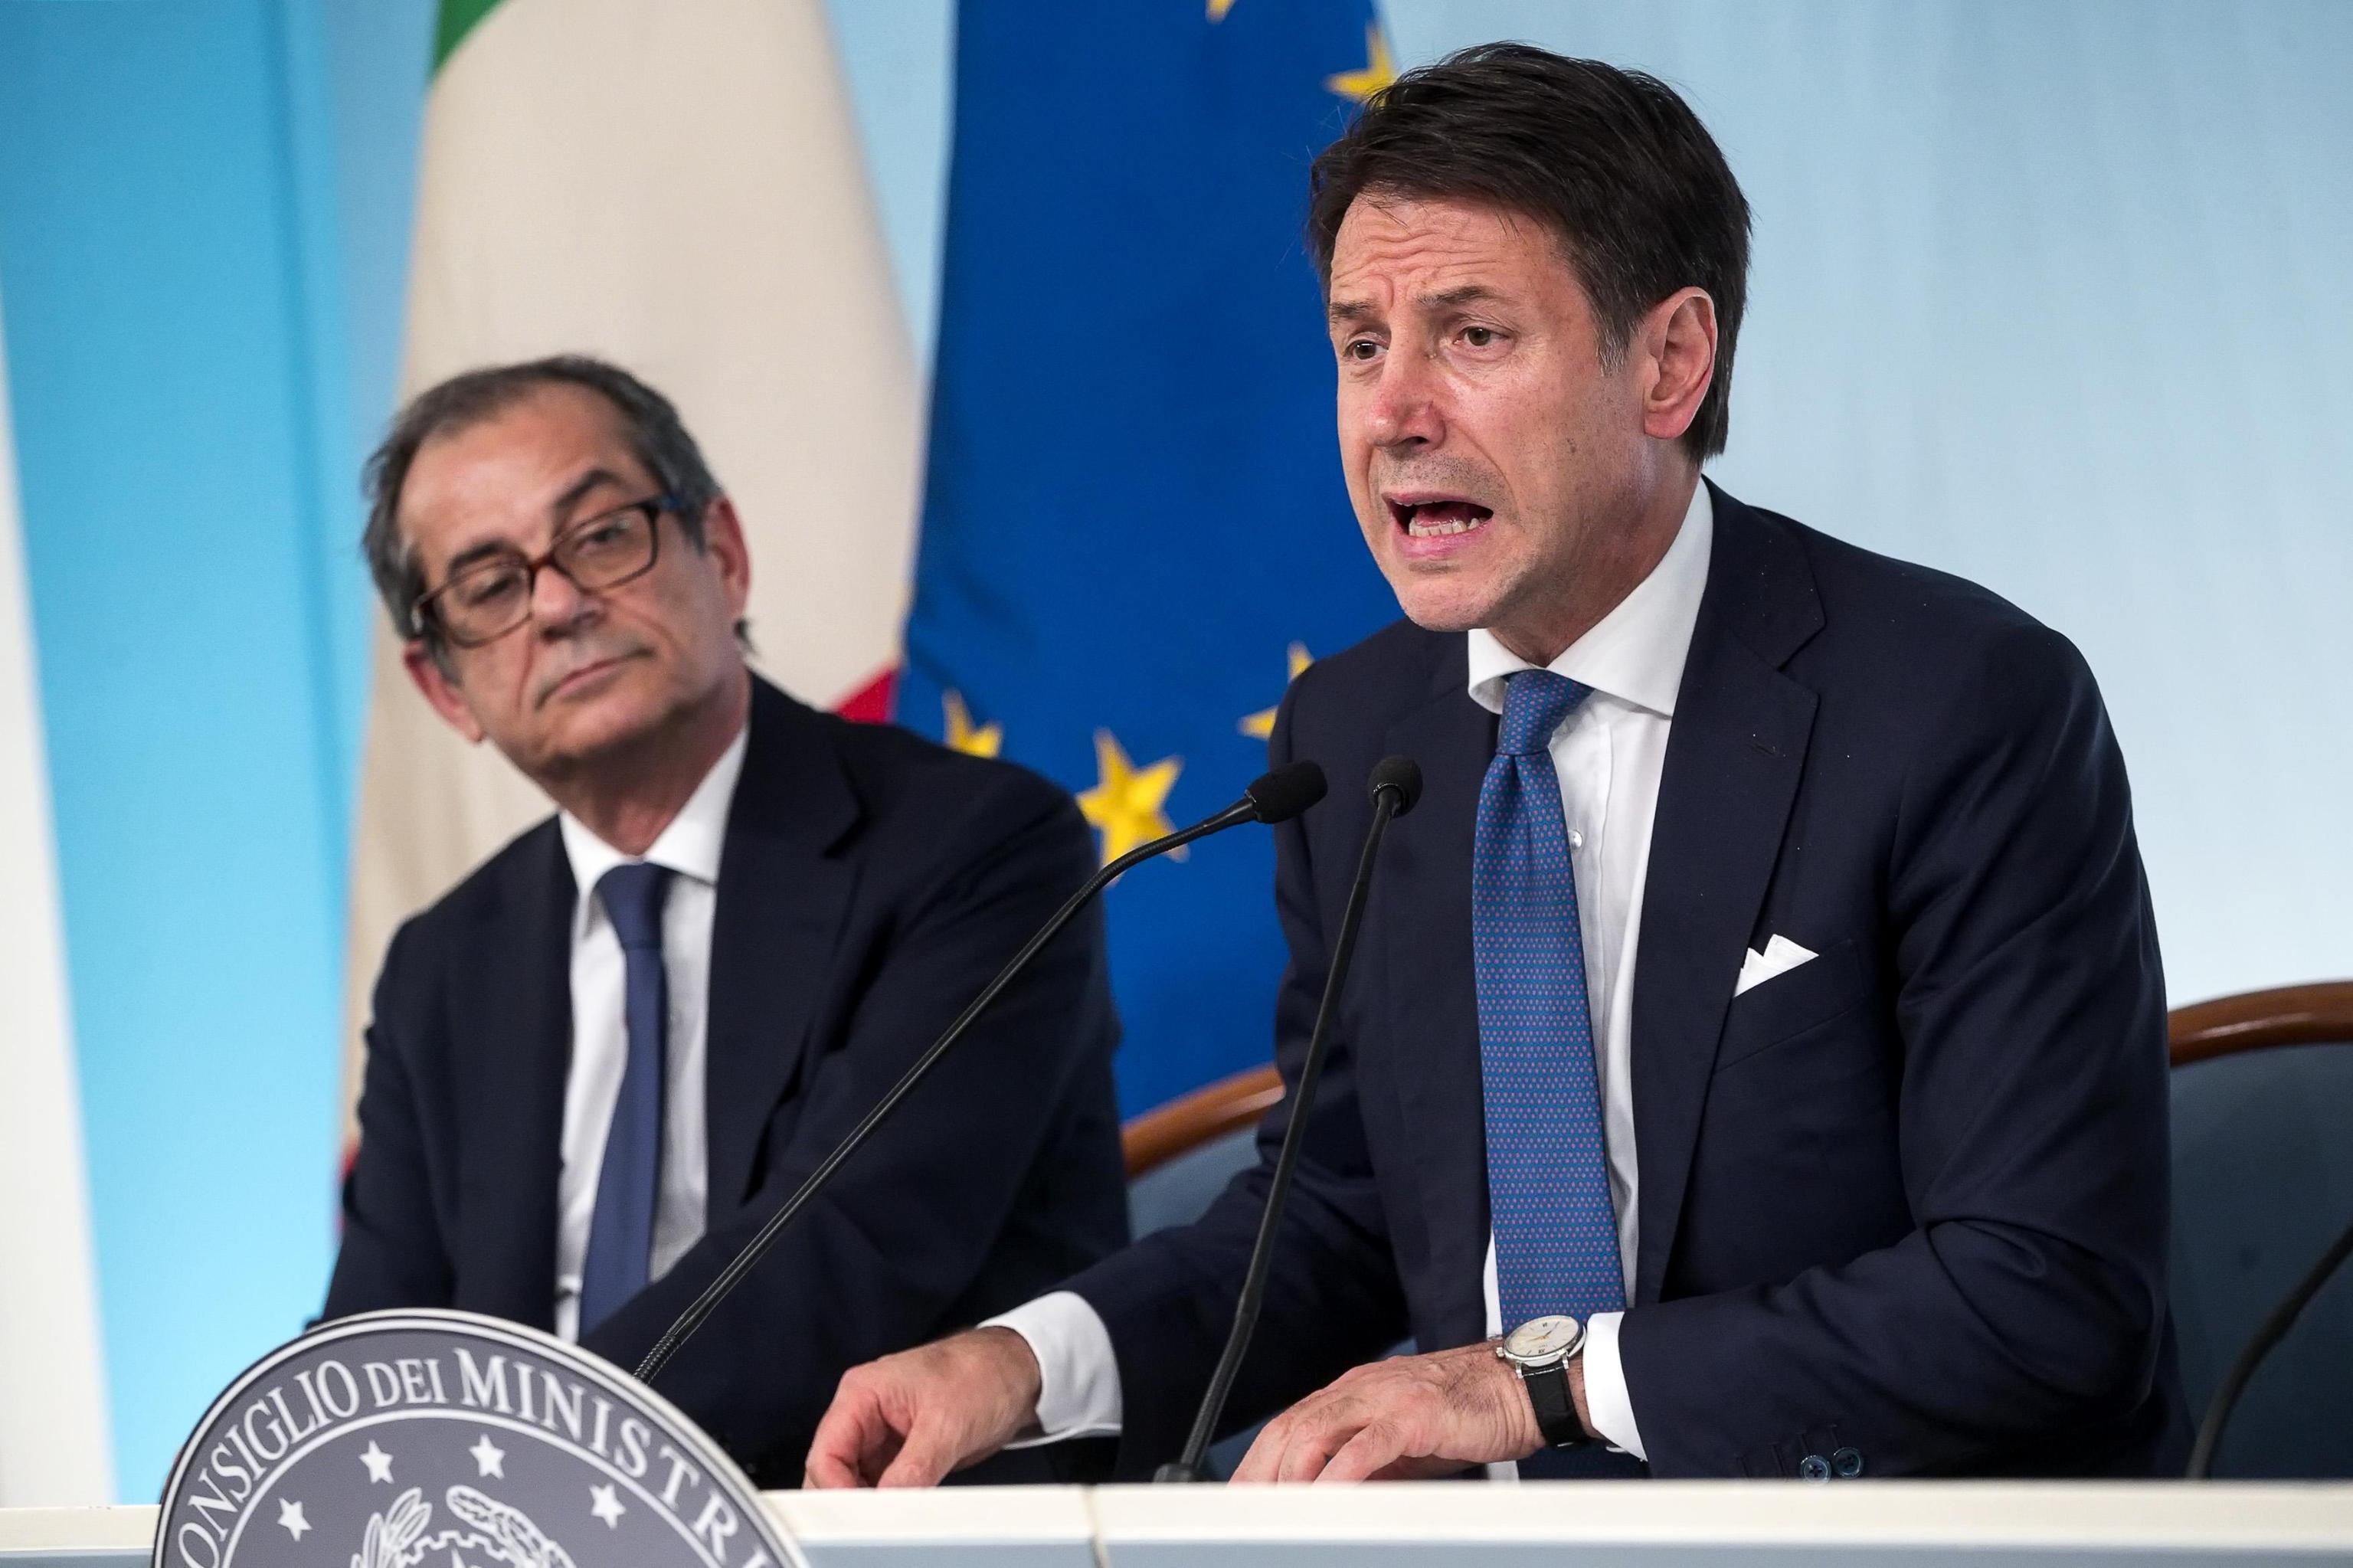 2deb99224a Manovra, l'Ue pronta a bocciare ancora l'Italia: lo spread vola a 322 punti